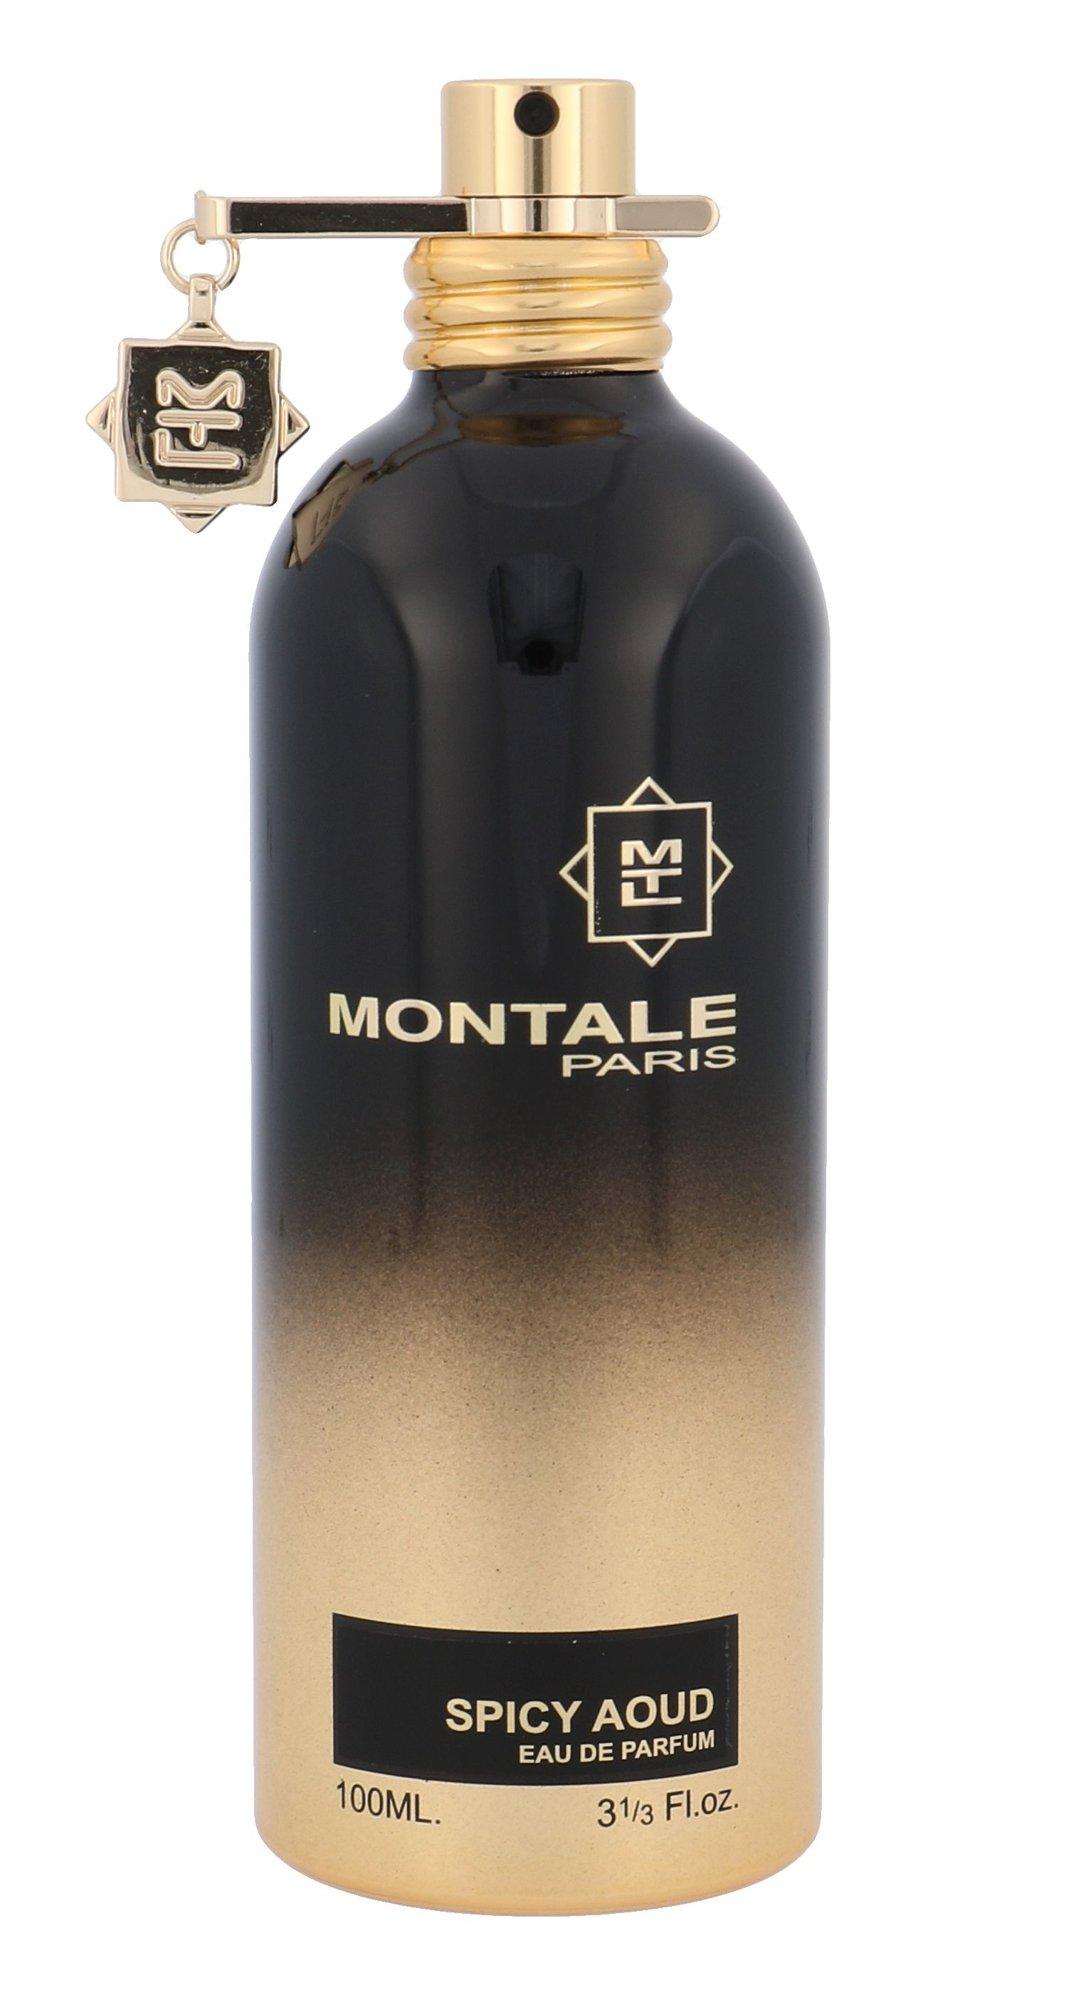 Montale Paris Spicy Aoud EDP 100ml